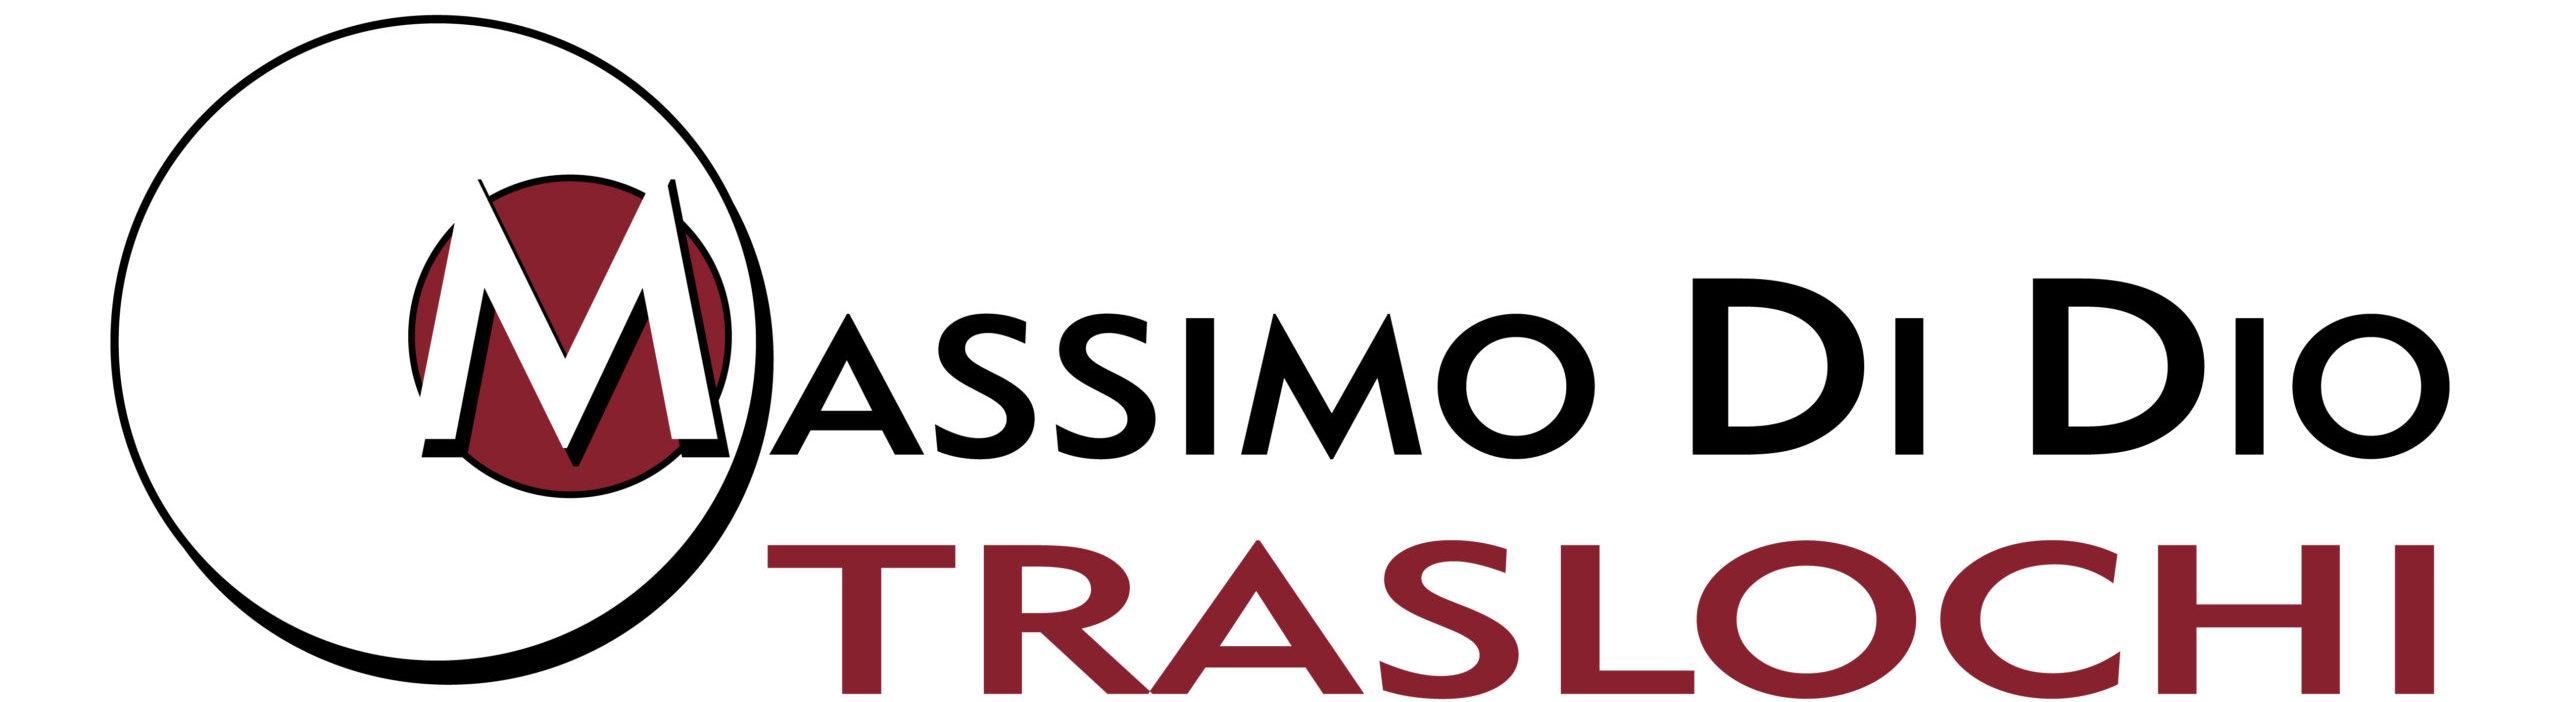 Massimo Di Dio Traslochi